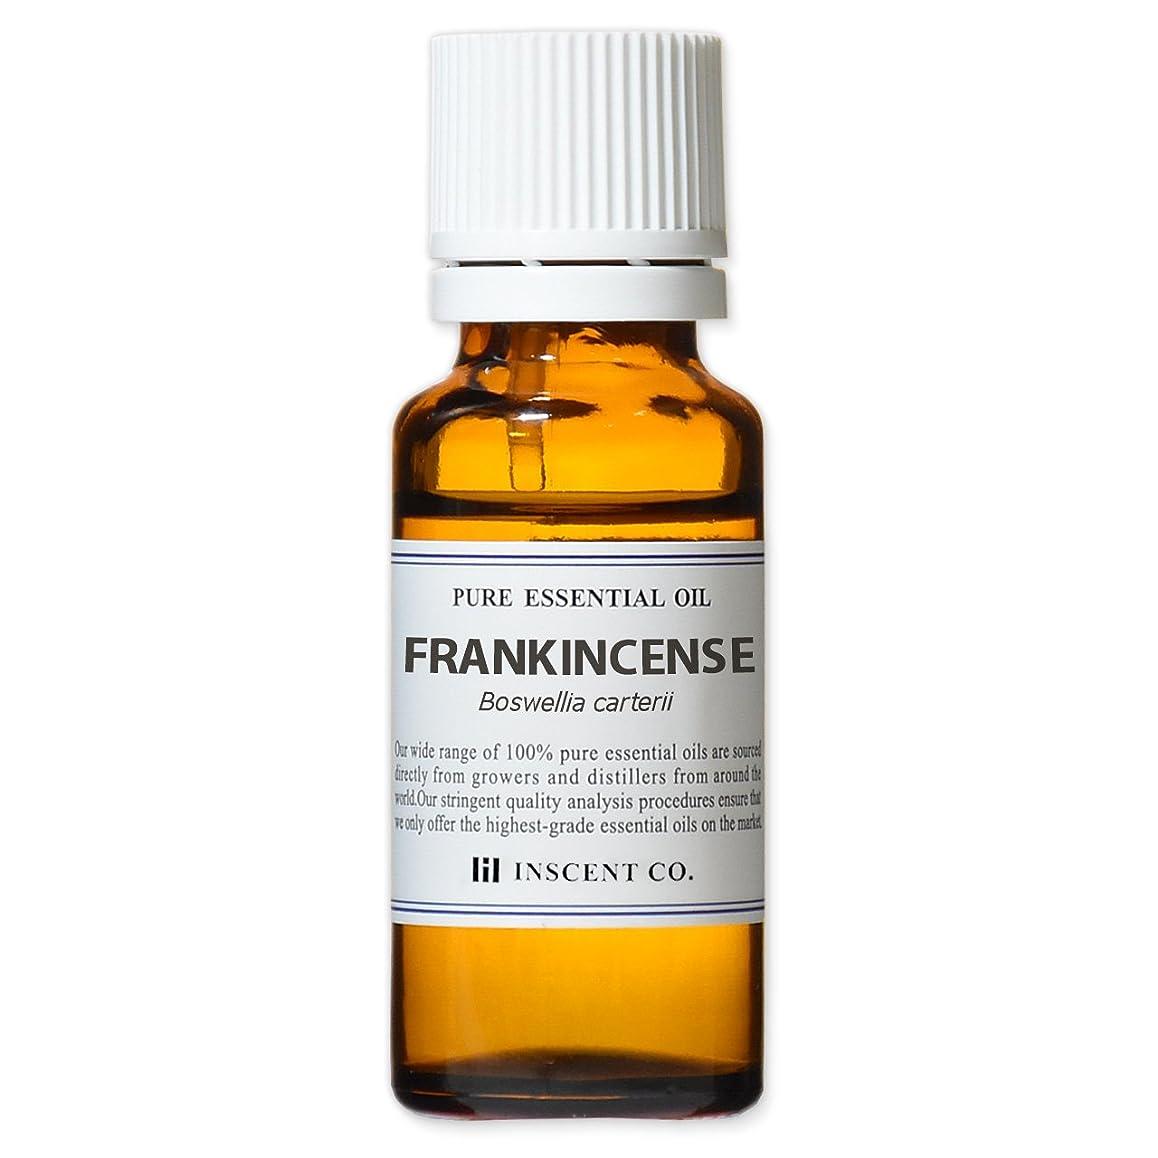 不純ロースト伝統フランキンセンス (オリバナム/乳香) 20ml インセント アロマオイル AEAJ 表示基準適合認定精油